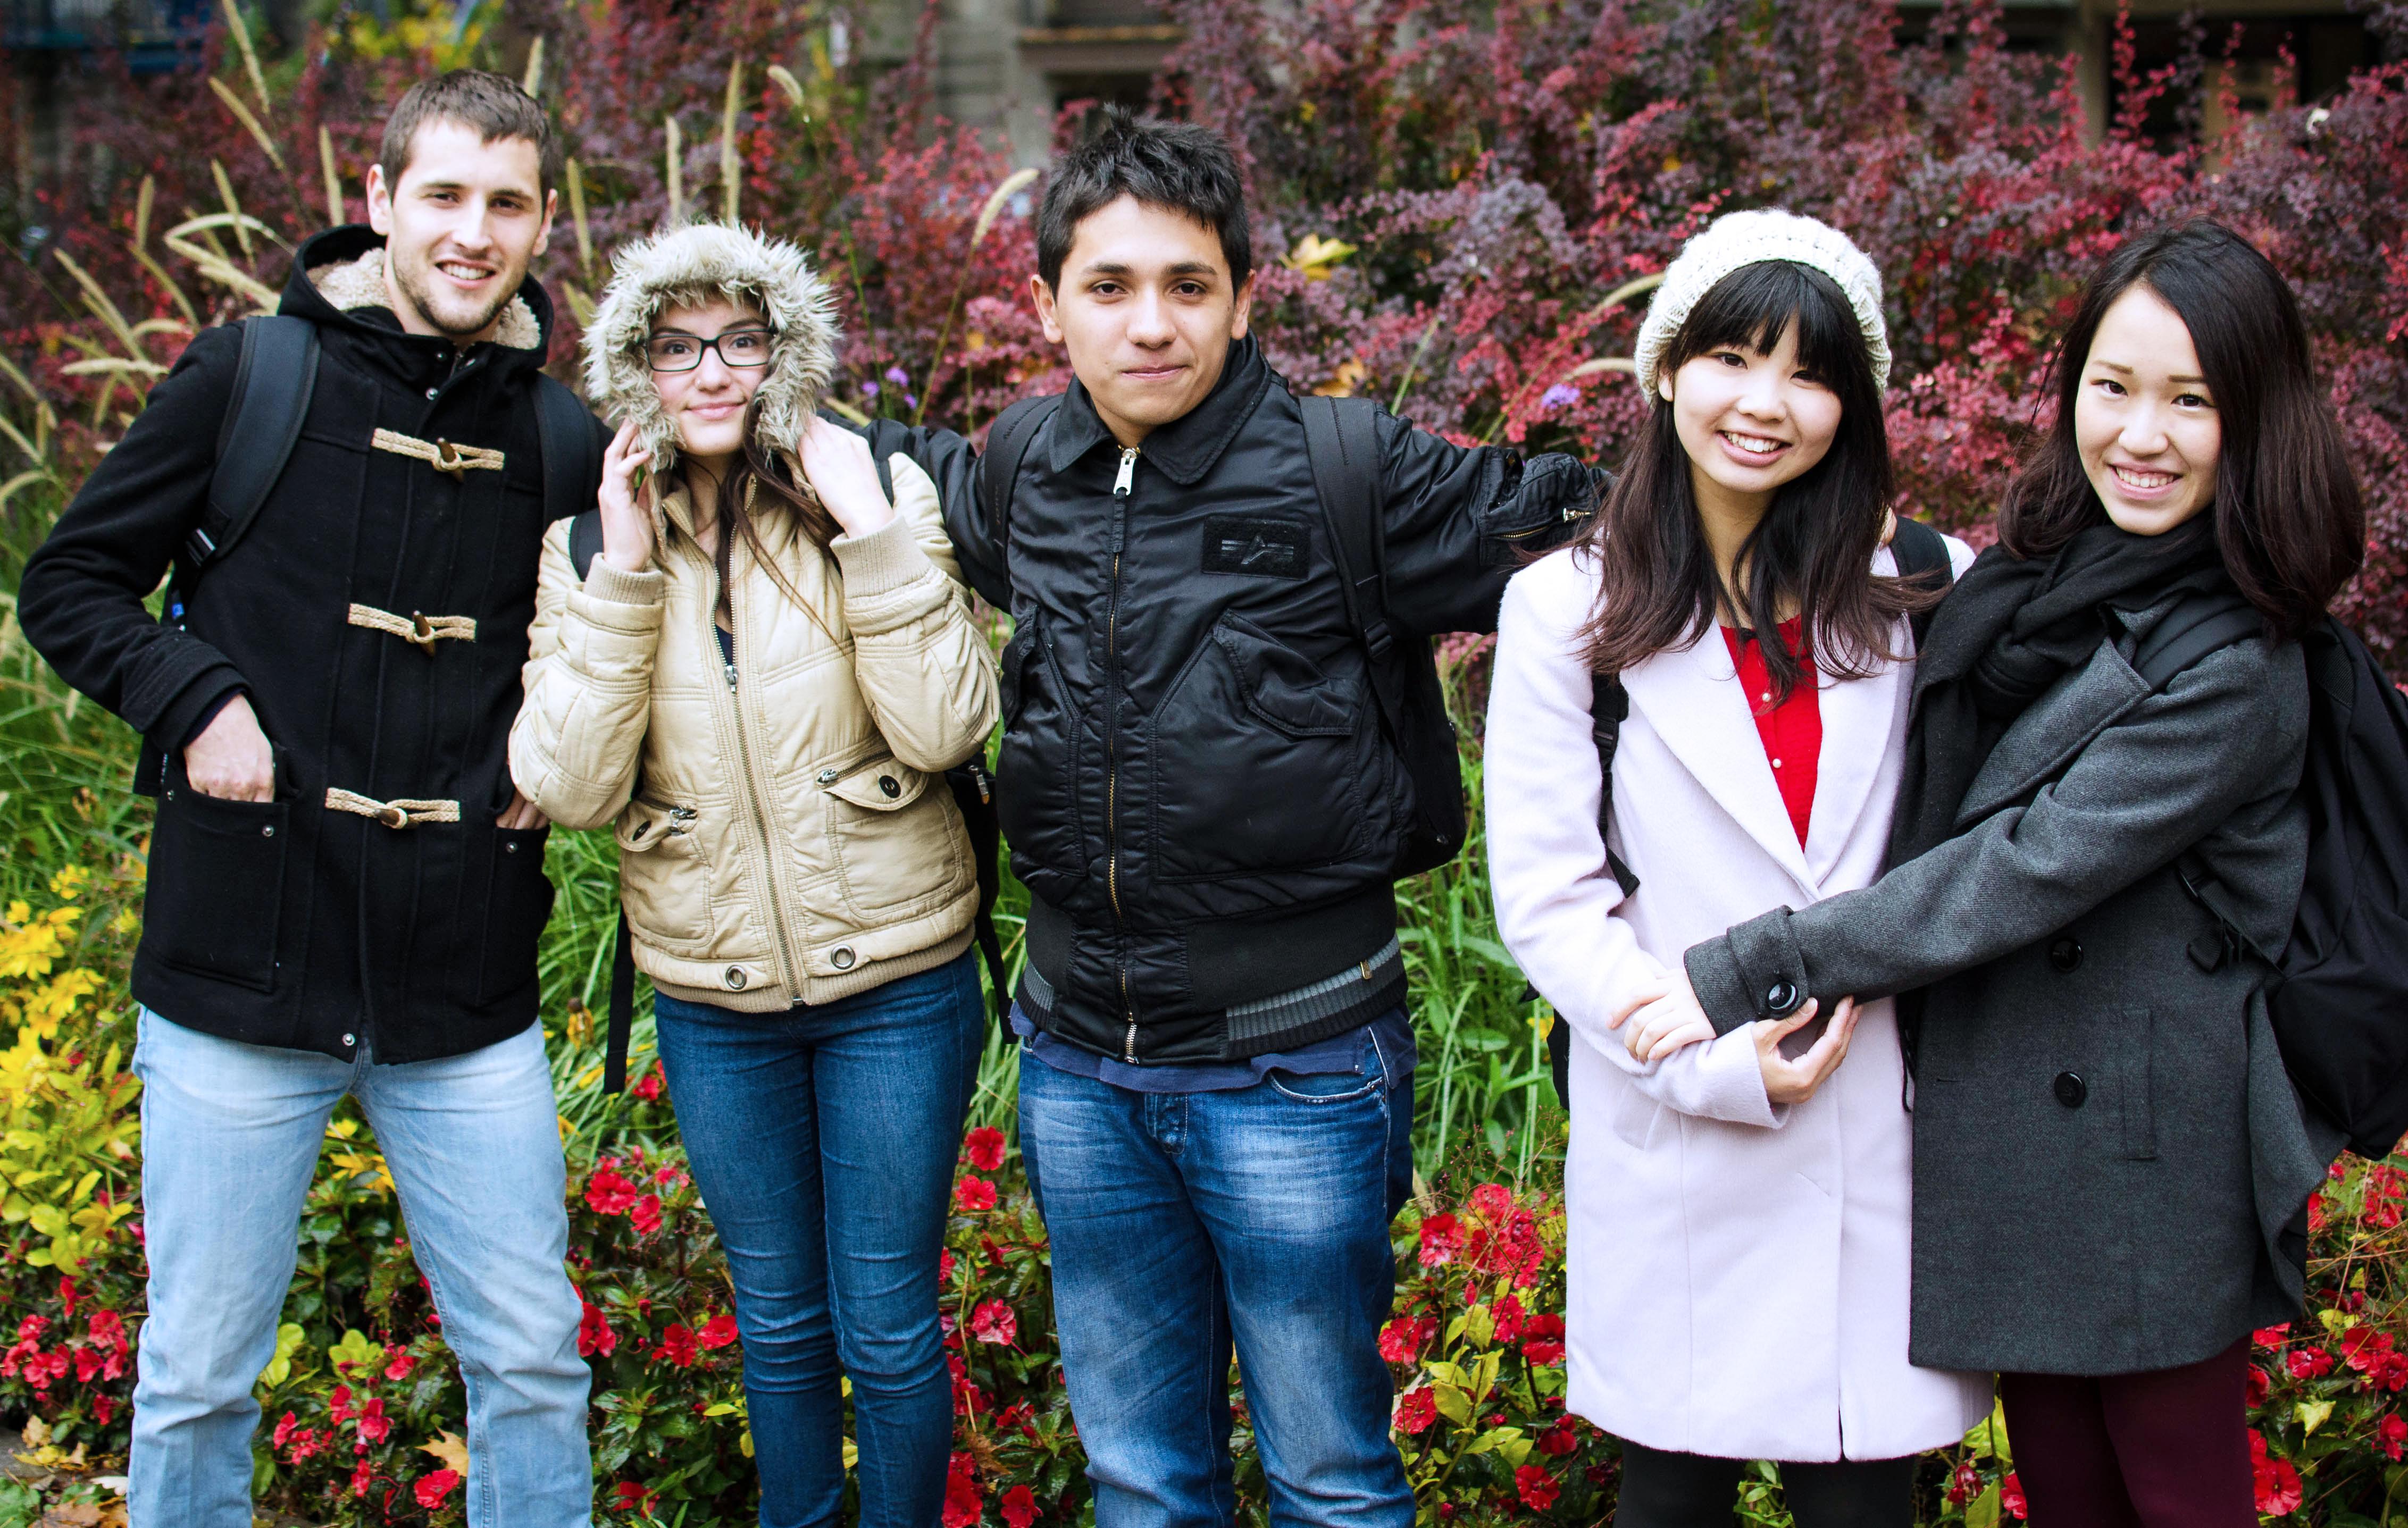 ilsc-montreal-students-1